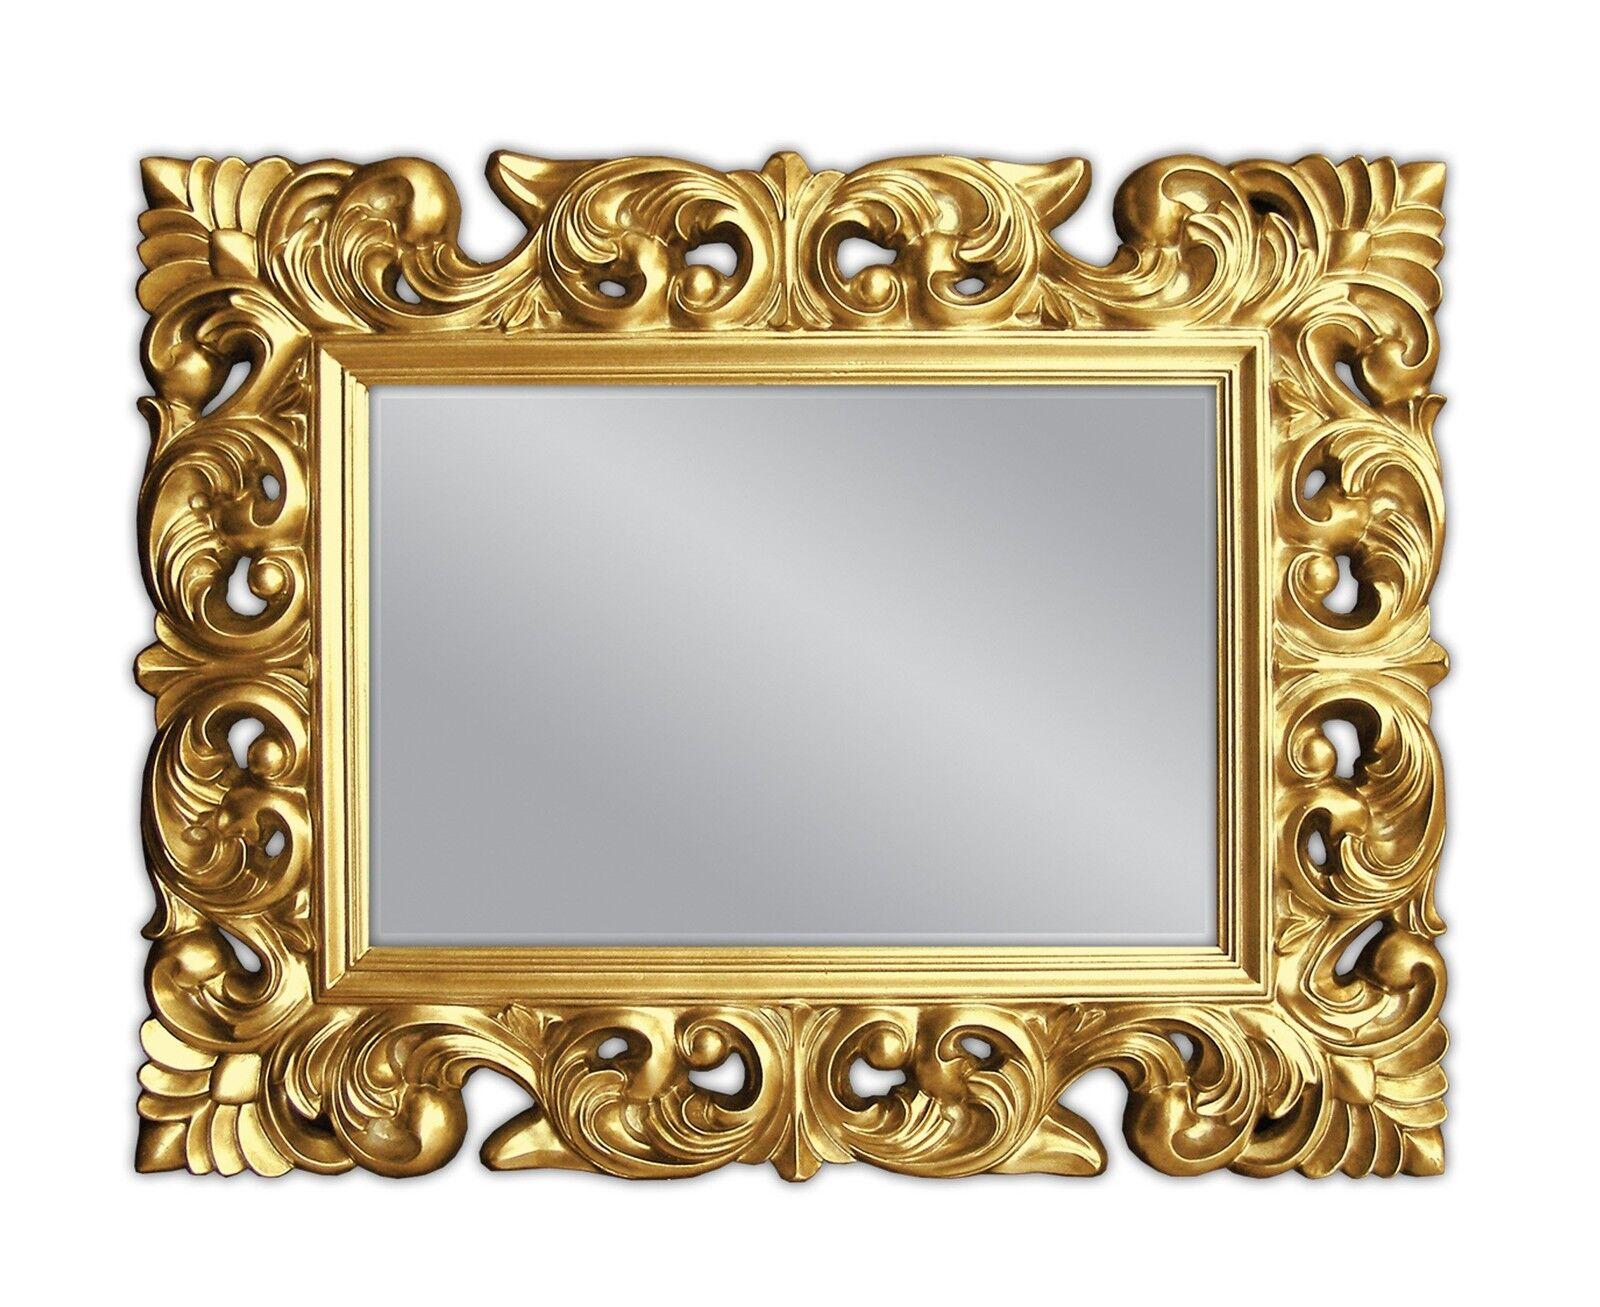 Xxl espejo de pared antiguo rococ 120x90 barroco en for Espejo barroco